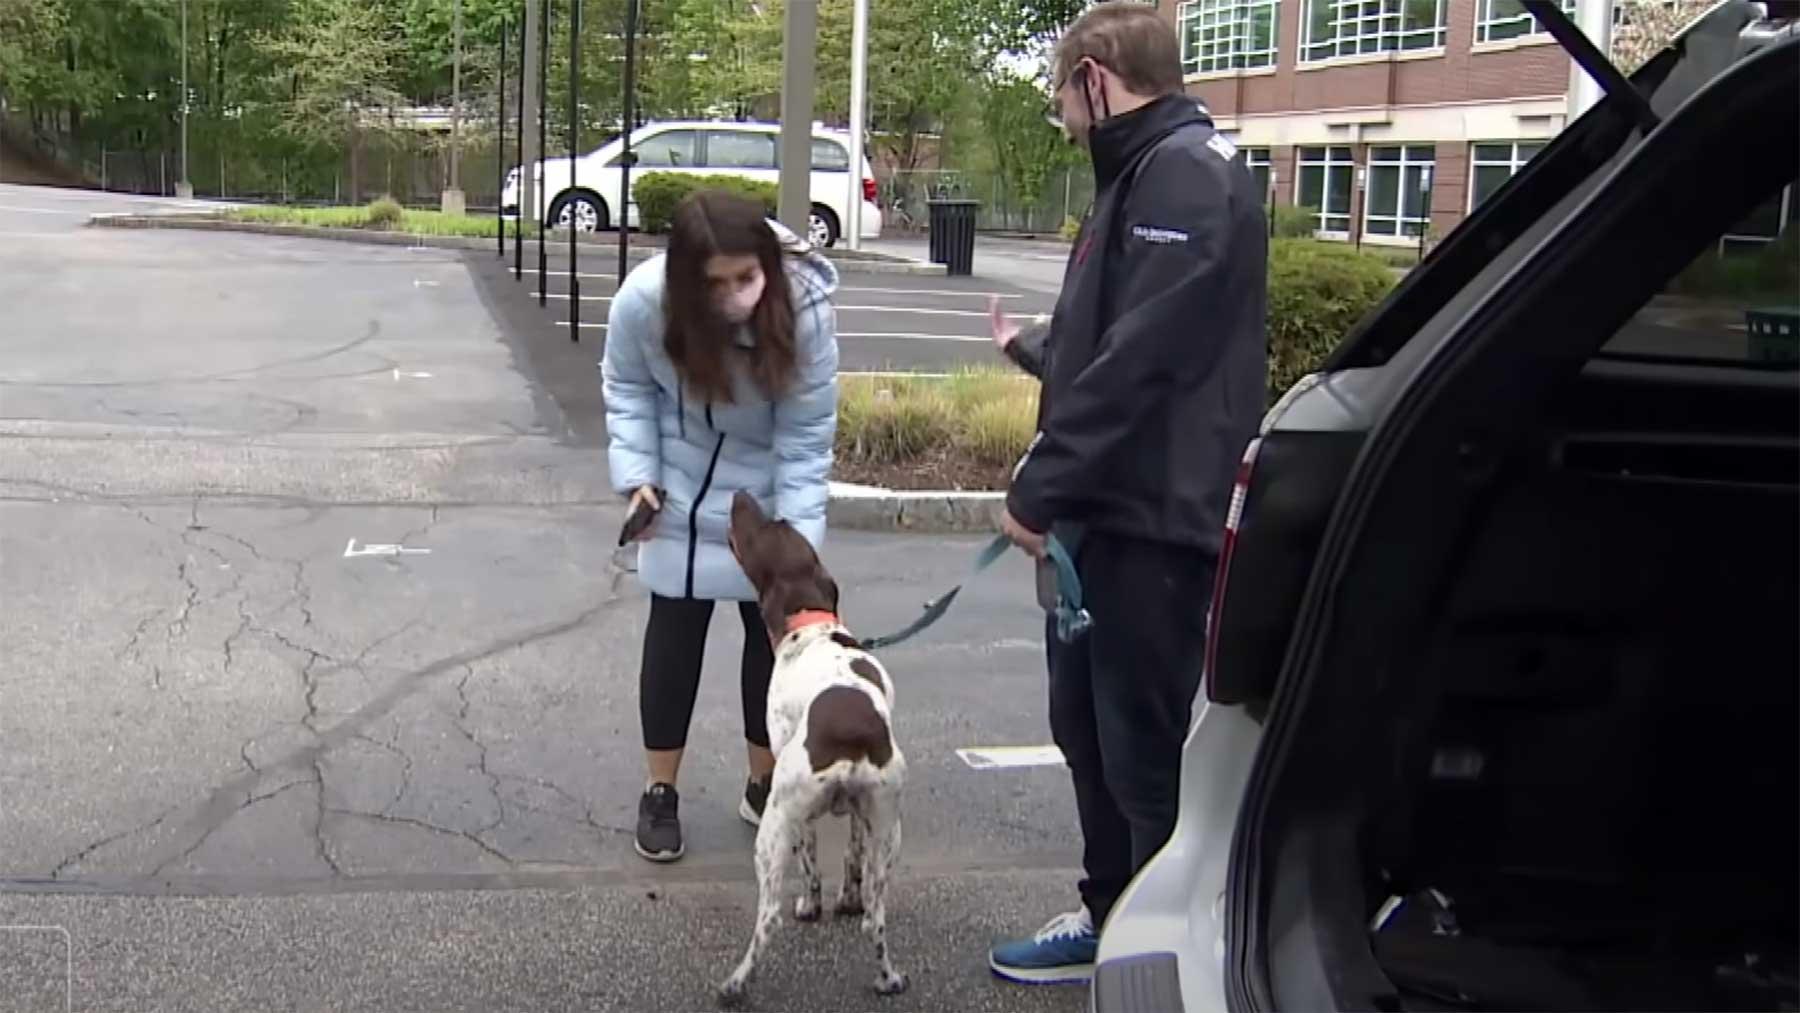 TV-Reporterin sieht entführten Hund während sie darüber berichtet